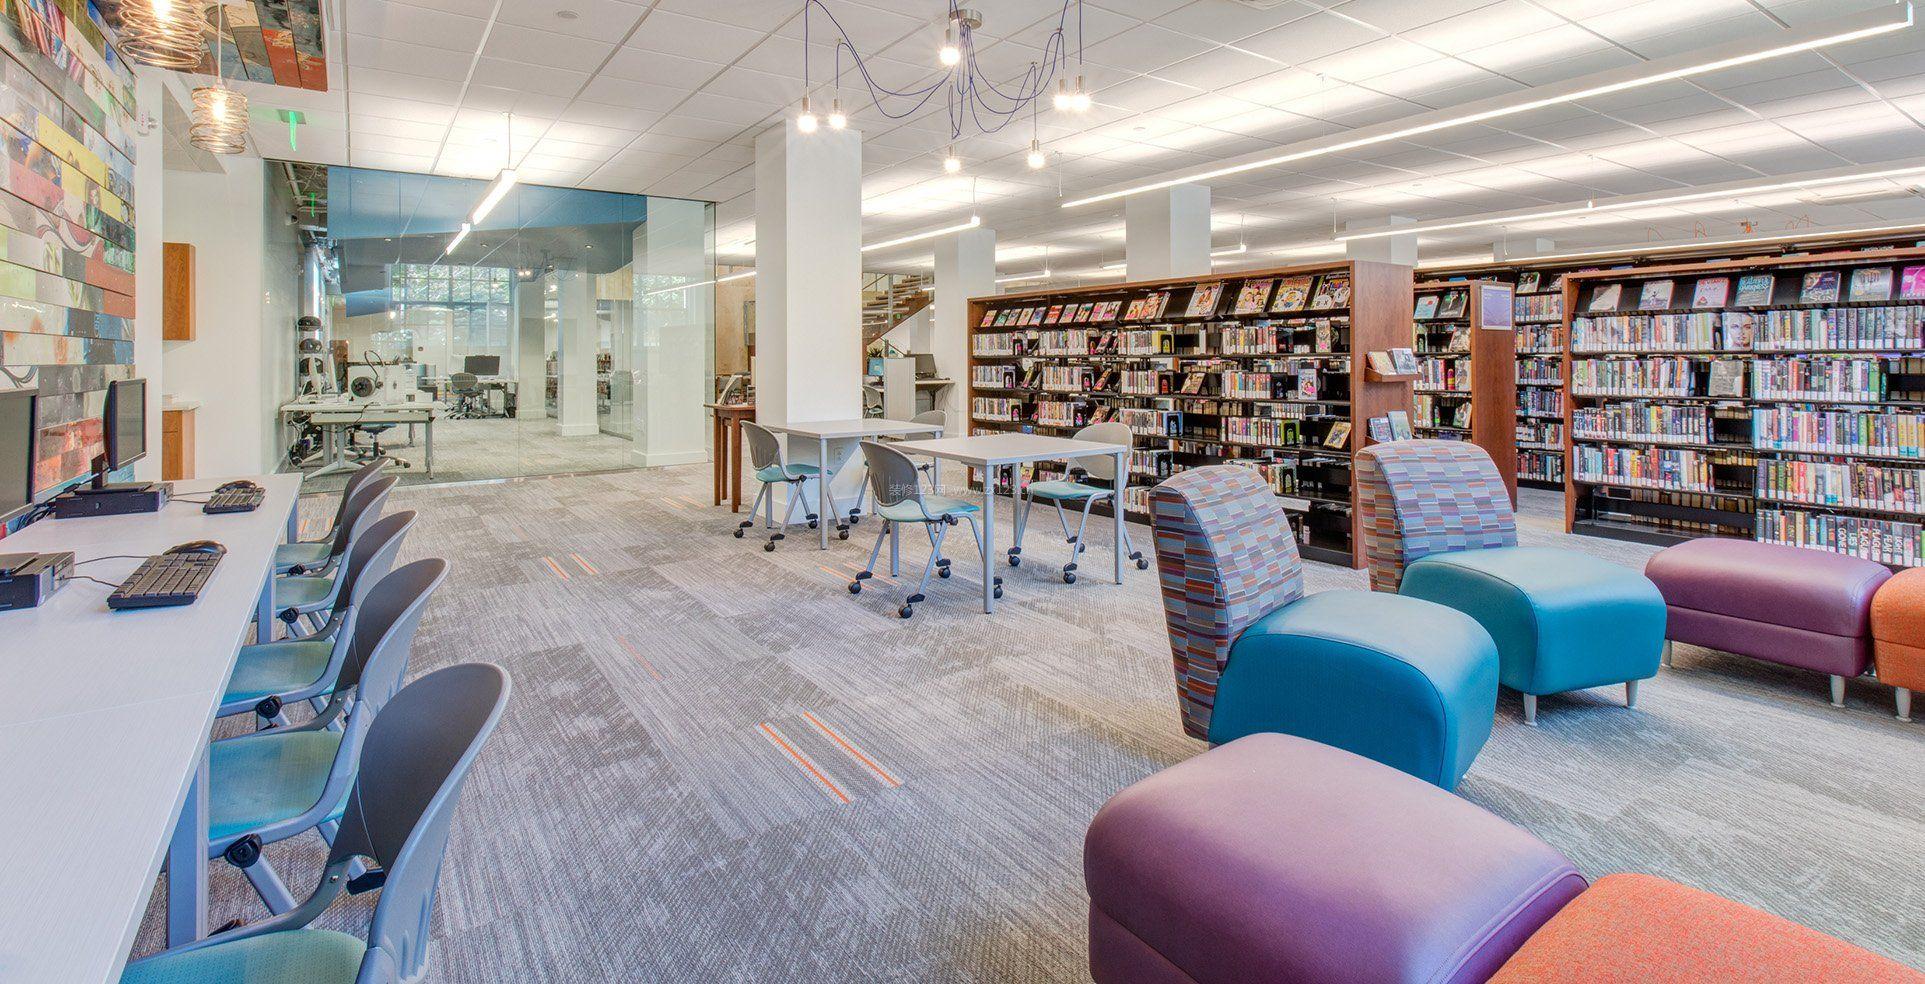 室内书架图书馆设计效果图片